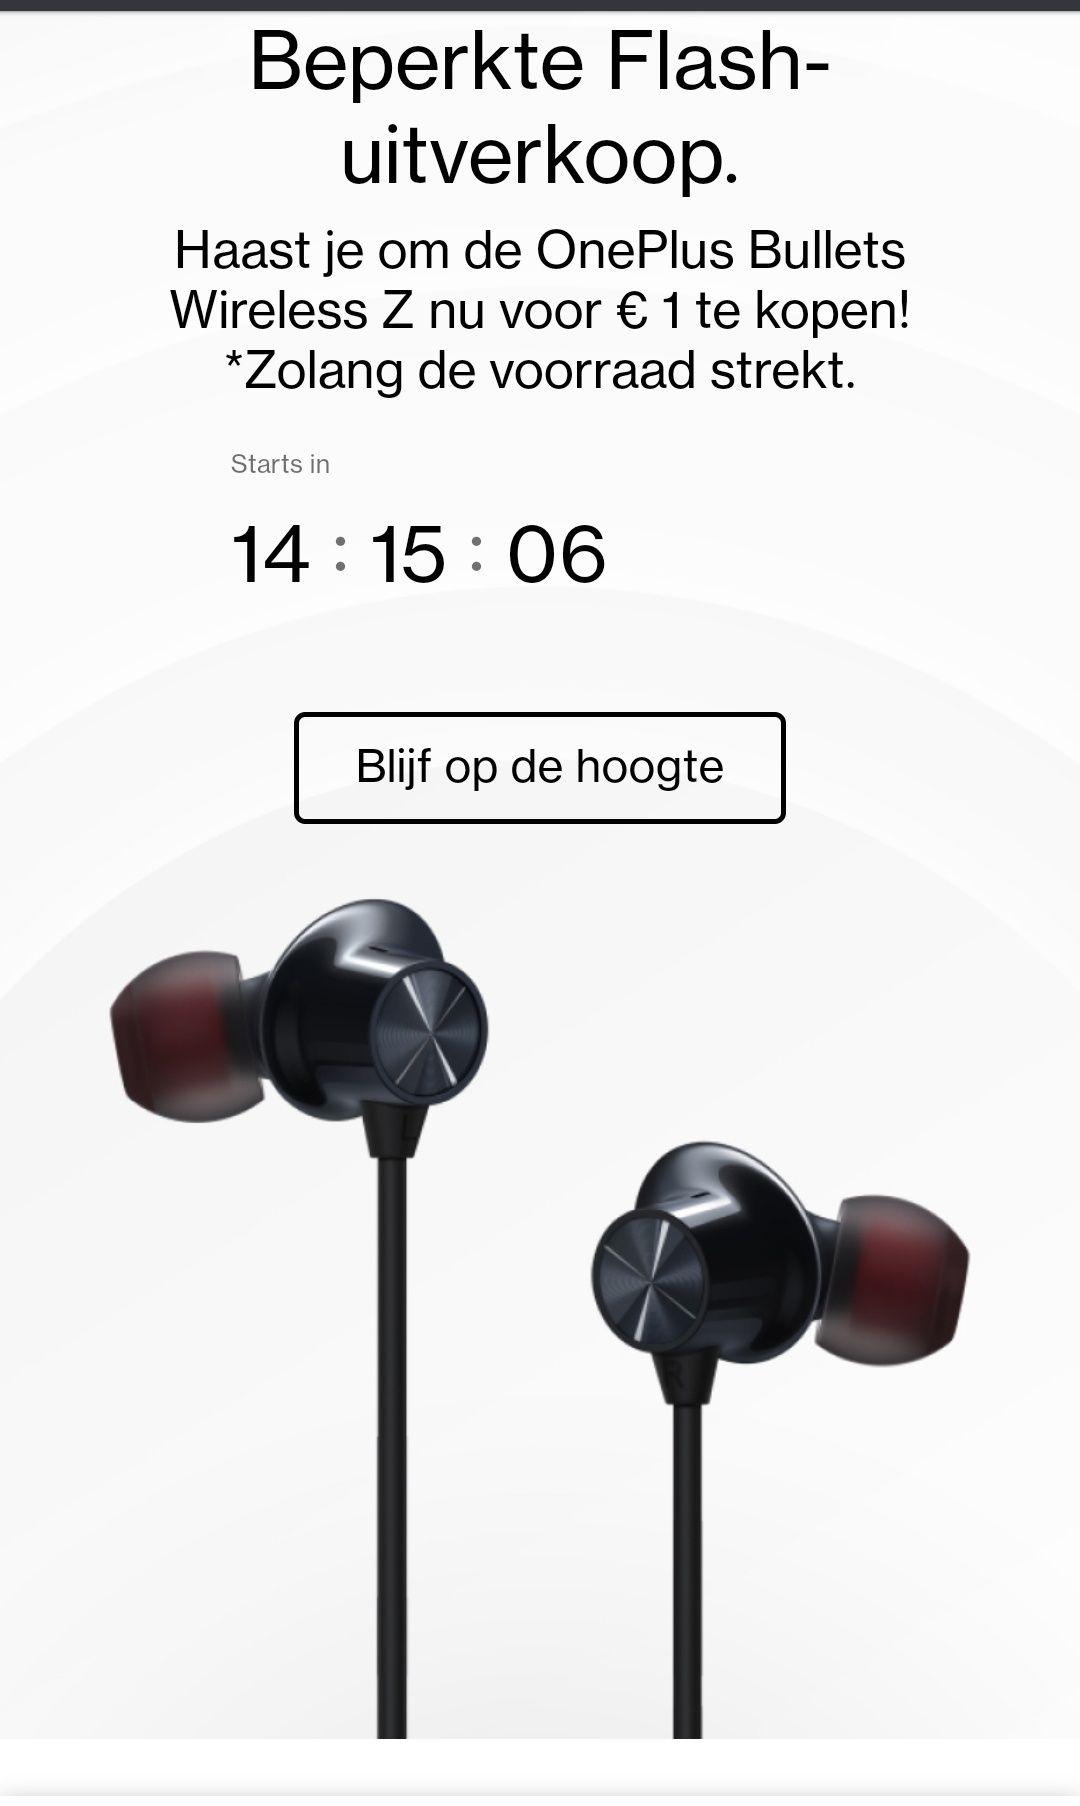 OnePlus Bullets Wireless Z @oneplus store begint om 12:00